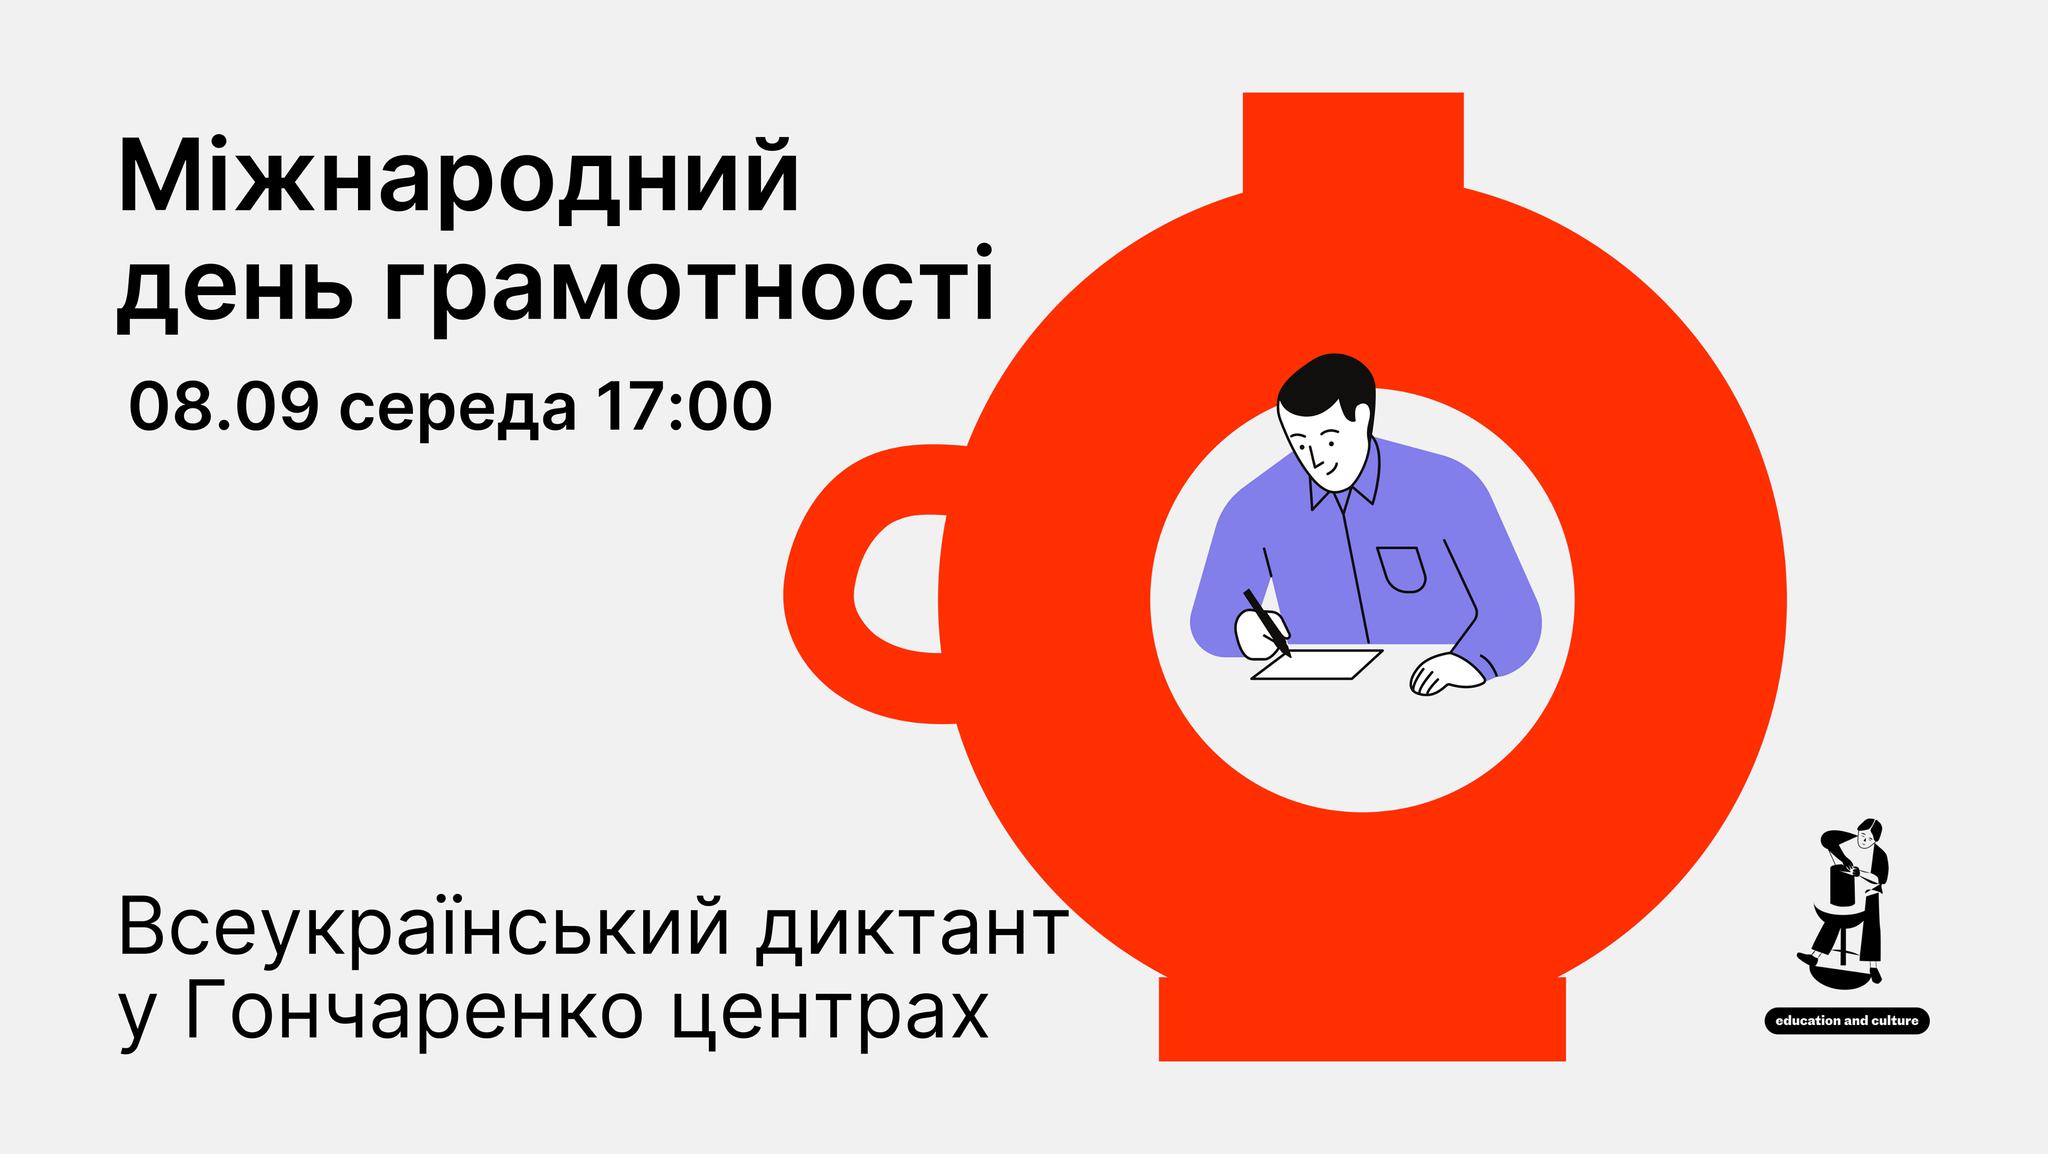 Всеукраїнський диктант з нагоди Міжнародного дняграмотності проведуть